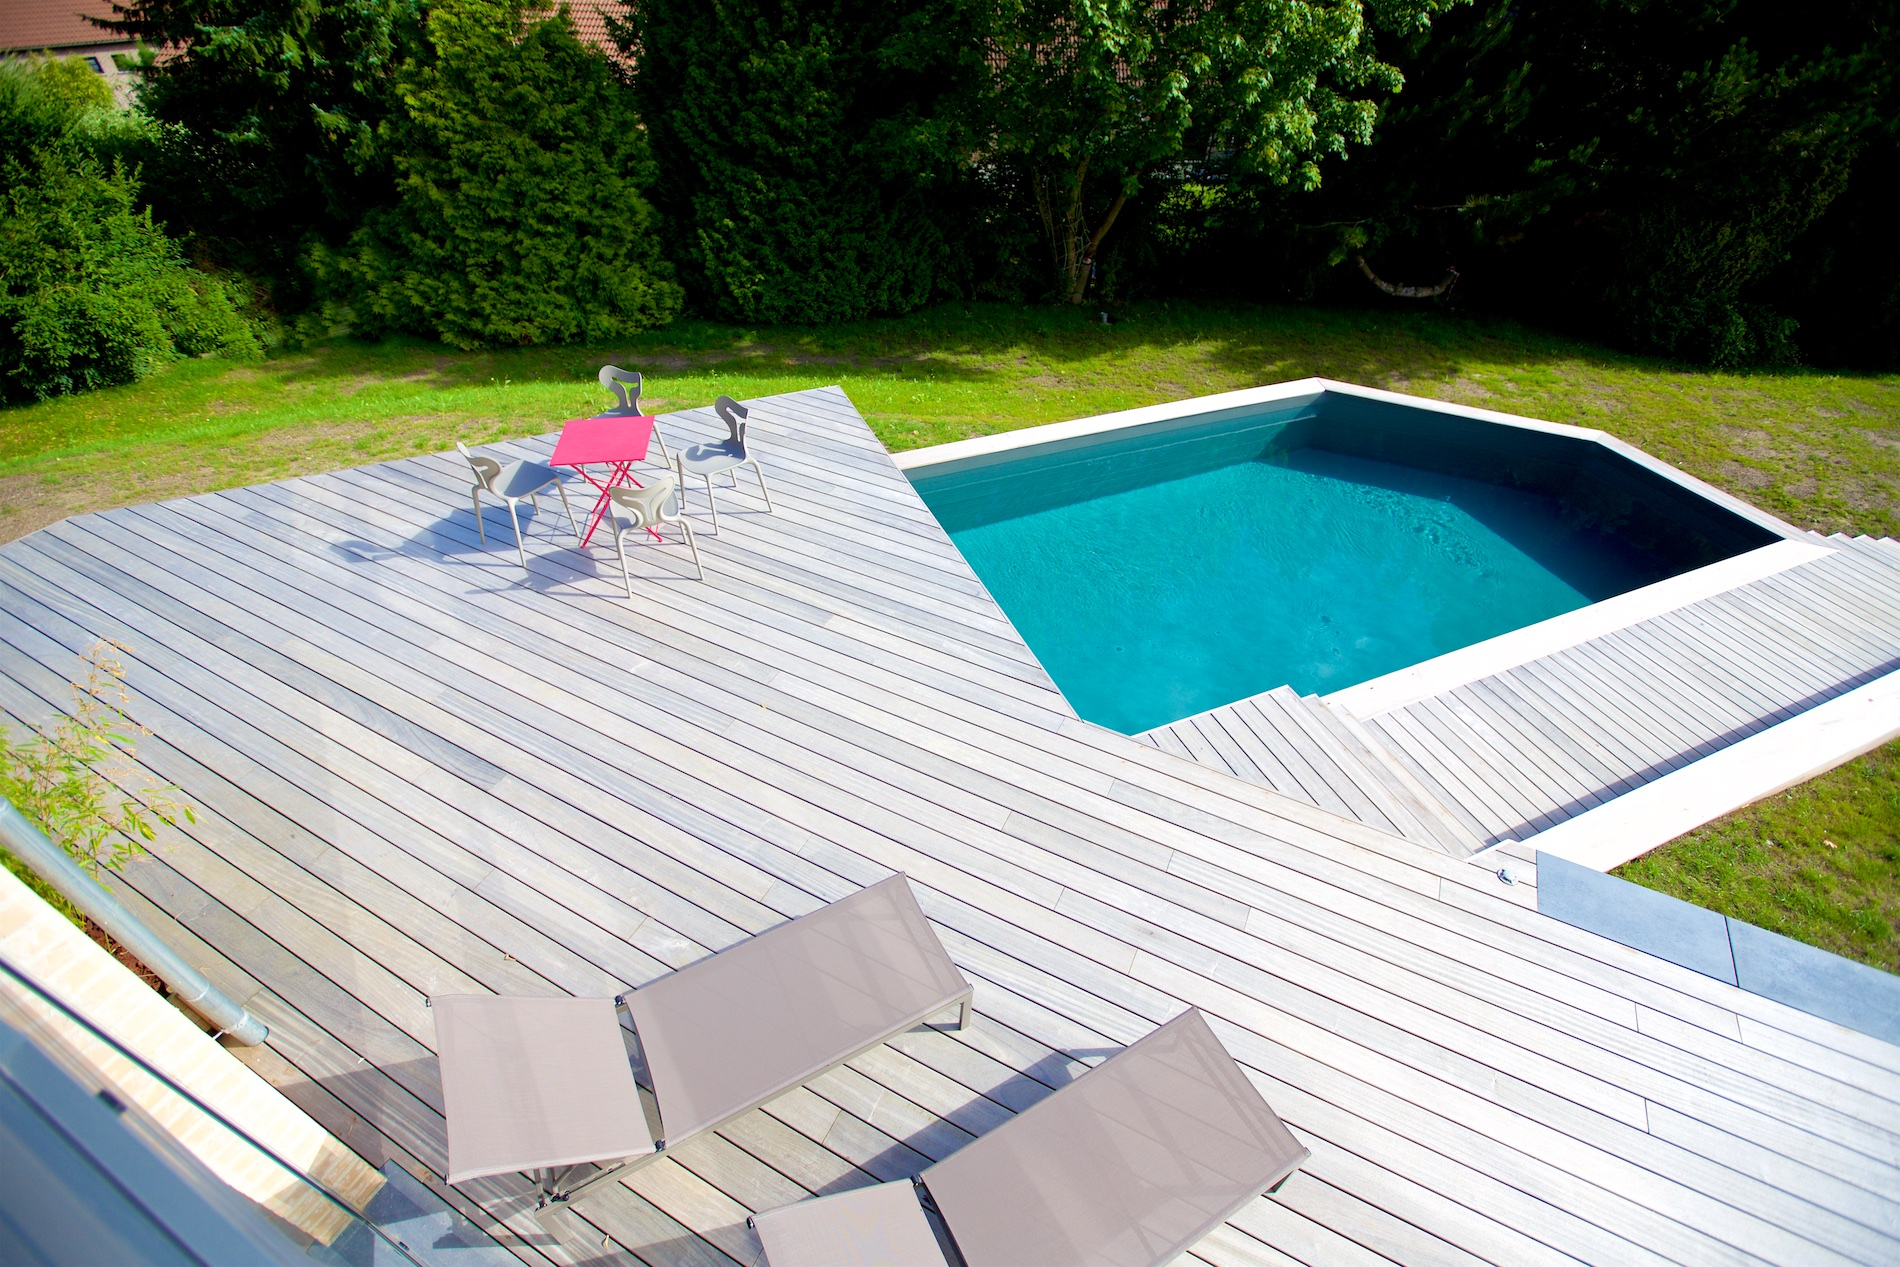 Maison novirtua 1 17 novirtua for Accessoire piscine namur